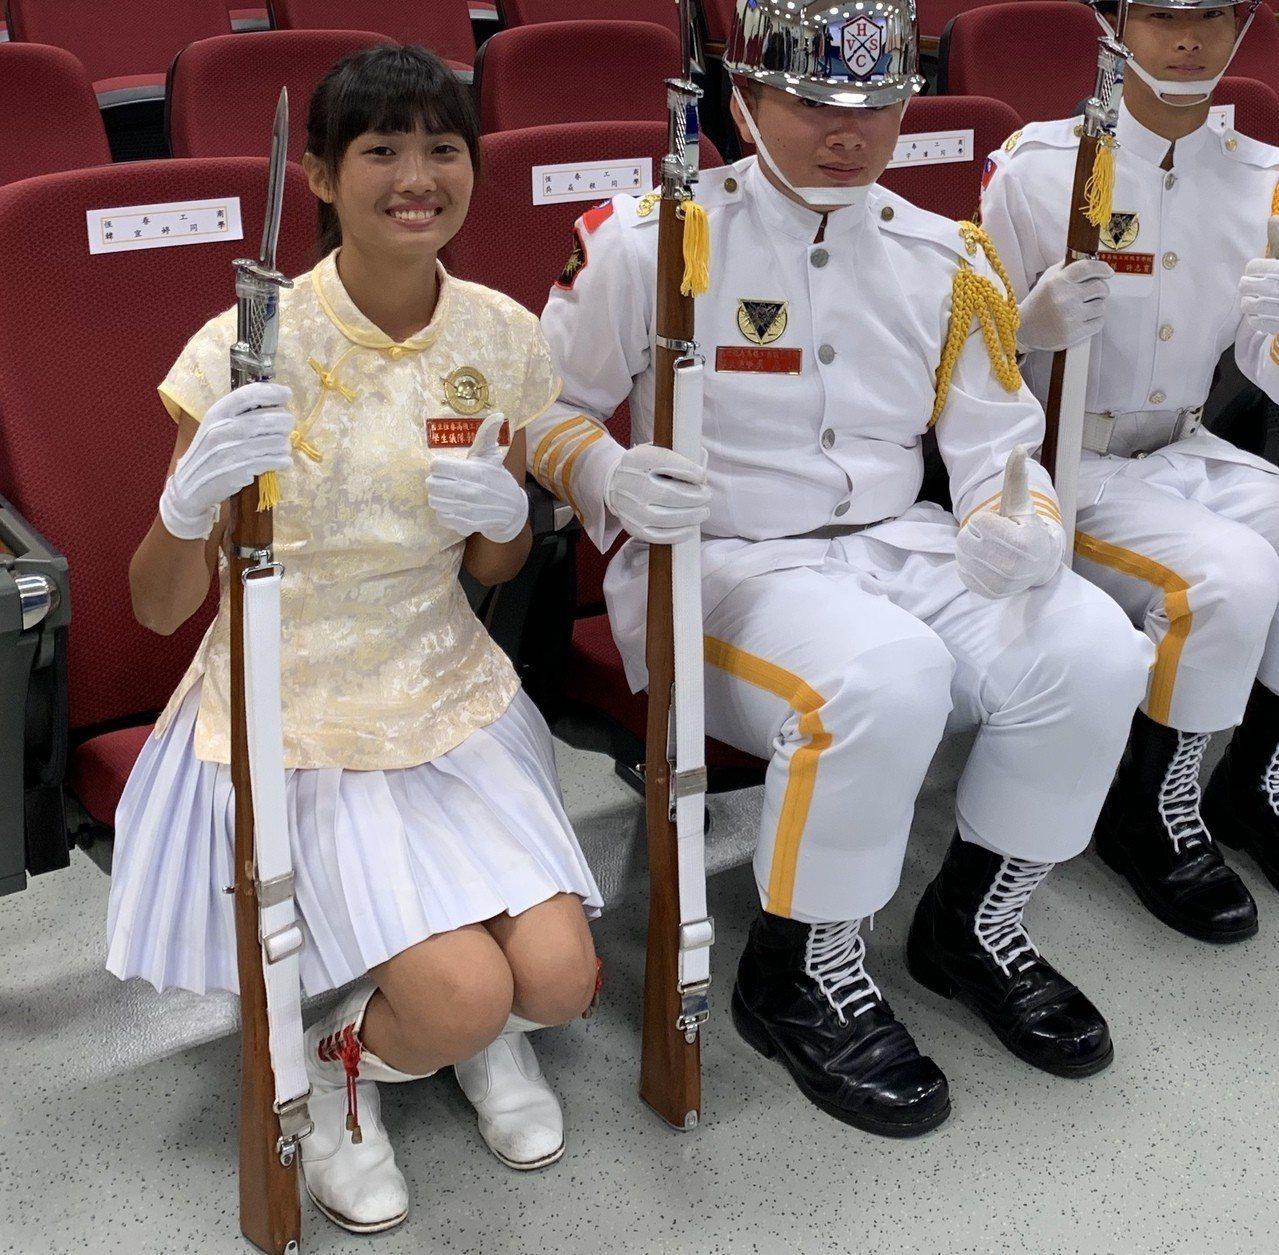 來自南台灣的恆春工商學生儀隊女性隊長韓宜婷(左一)。記者洪哲政/攝影